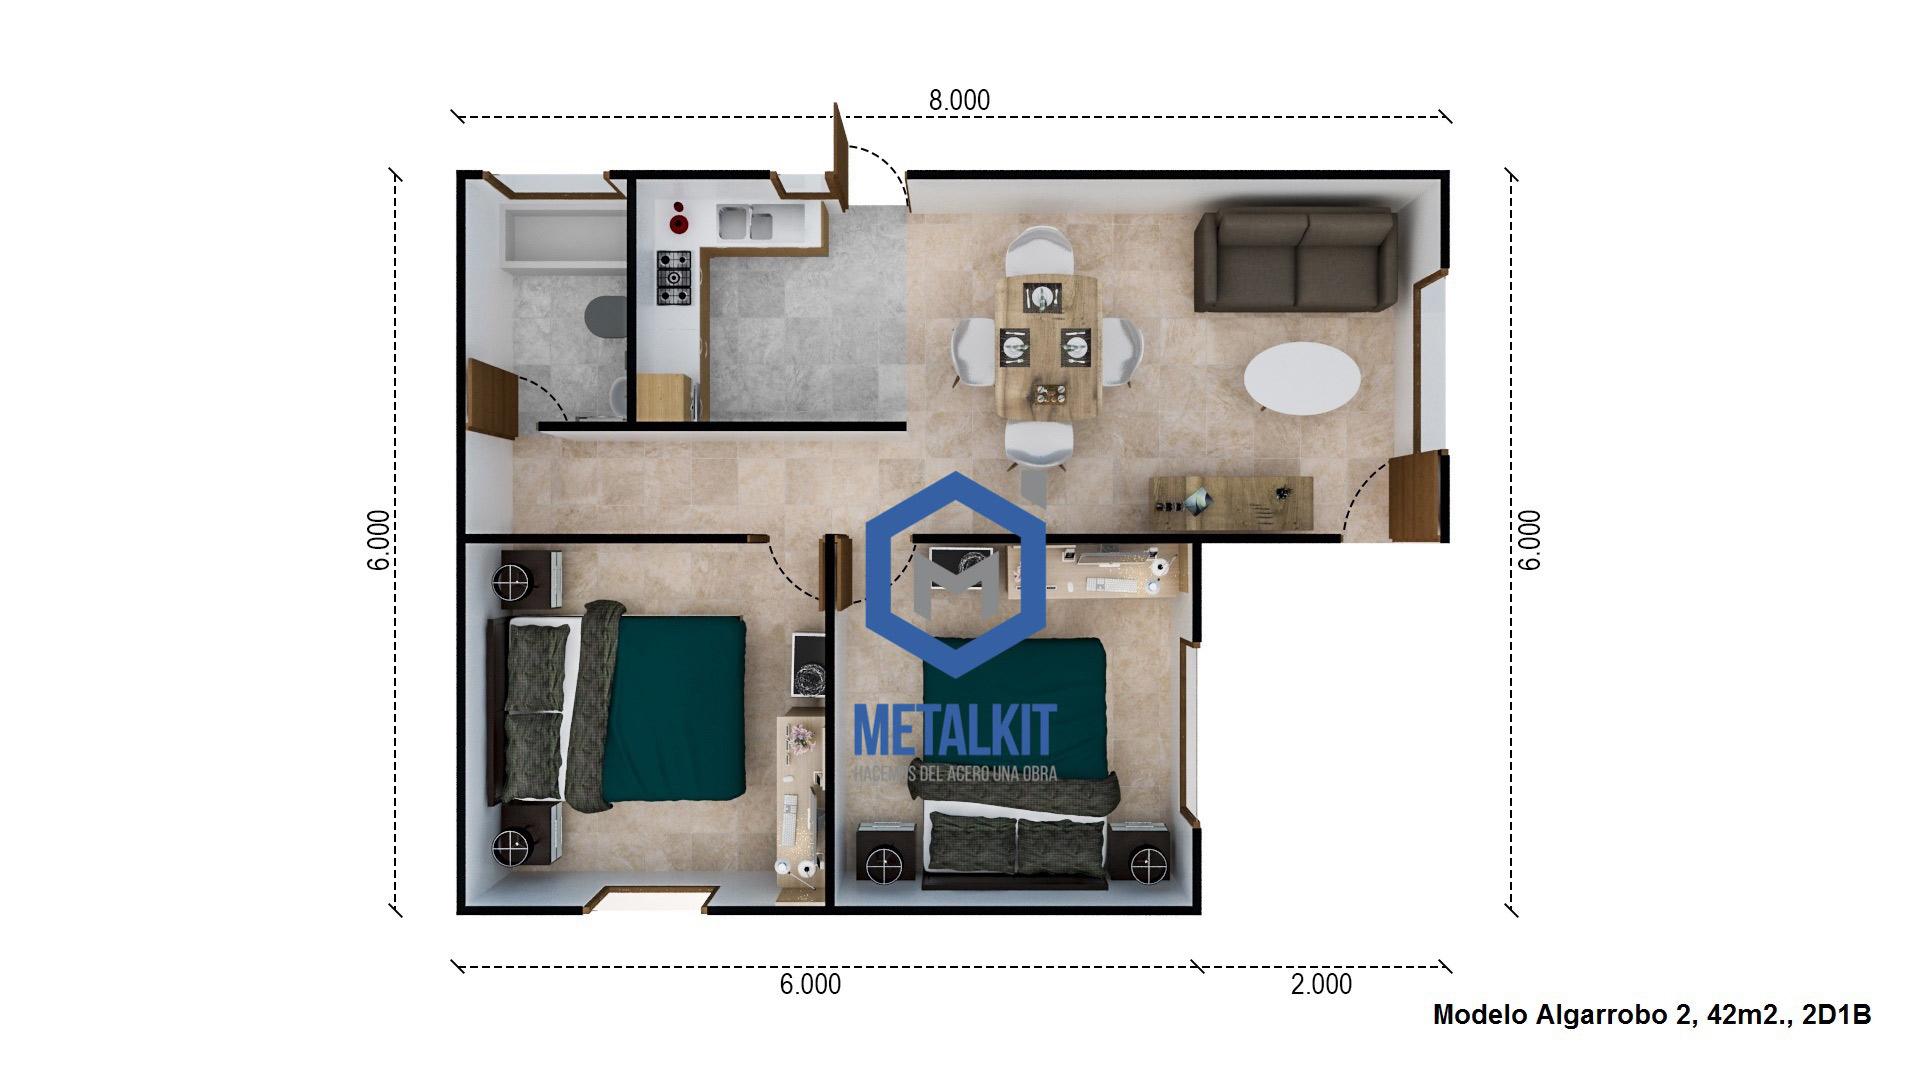 Cf casas prefabricadas casas modulares metalcom y madera for Planos casas prefabricadas